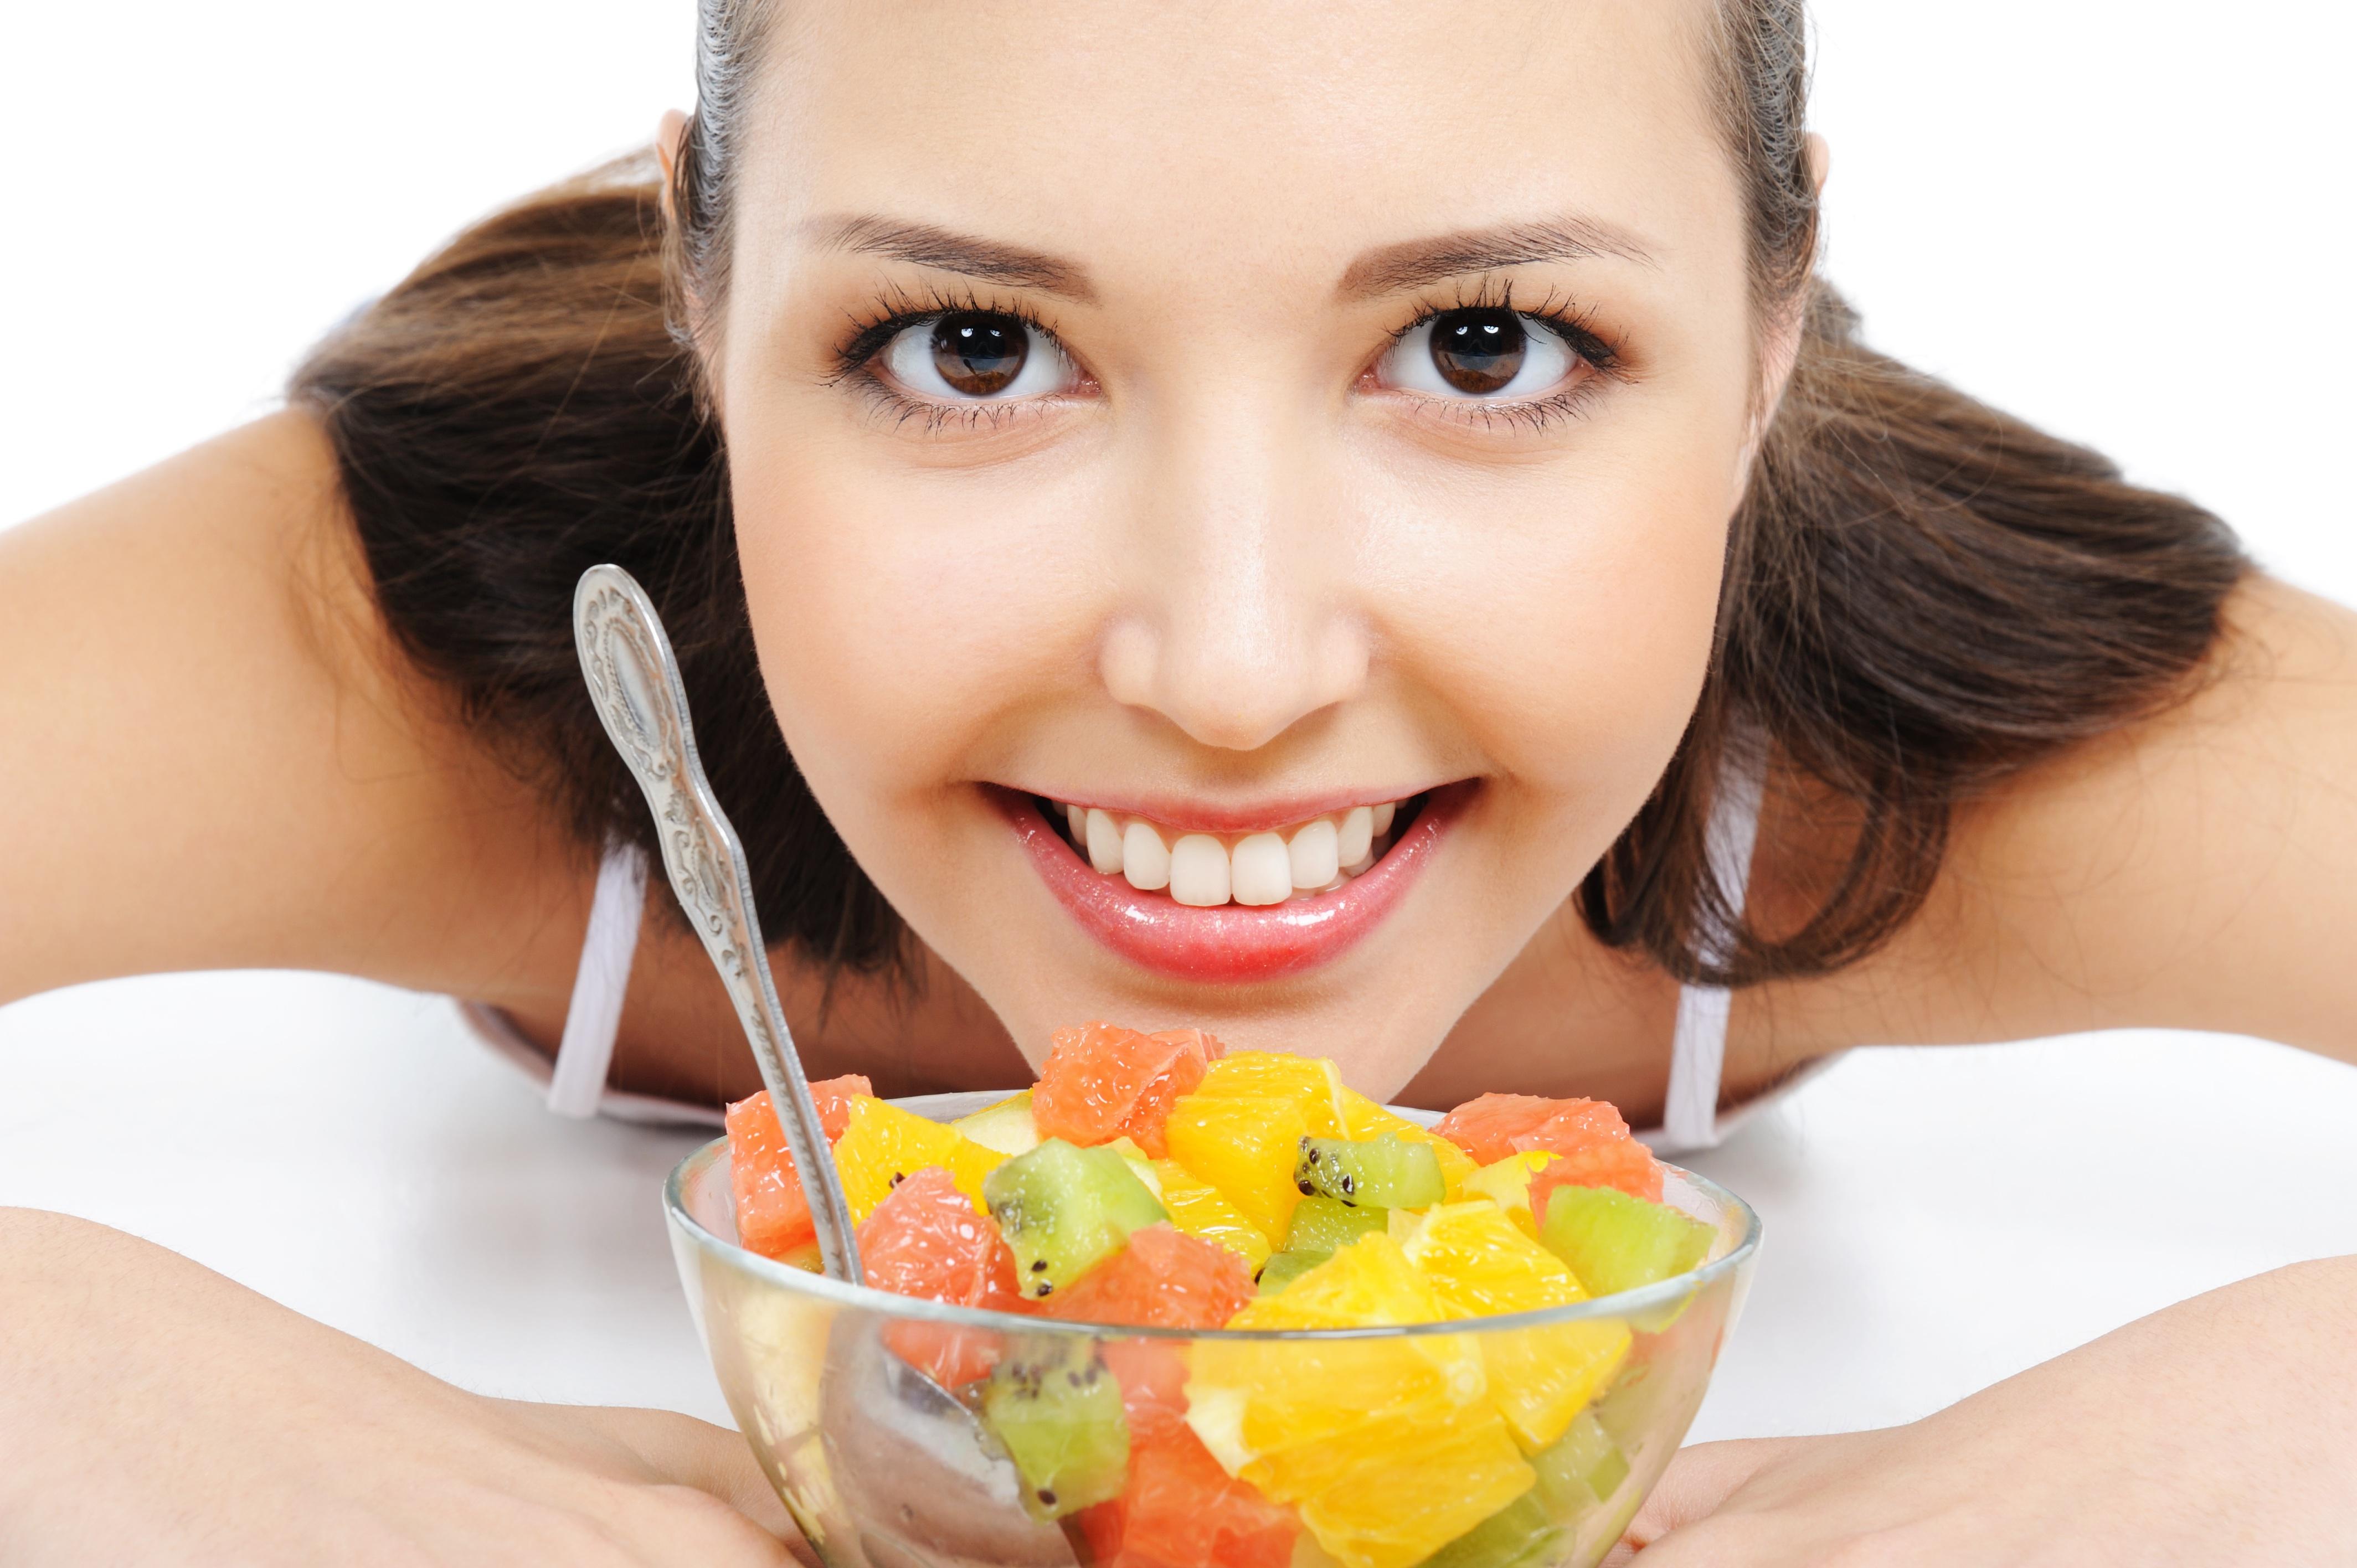 диеты для похудения на 10 кг отзывы